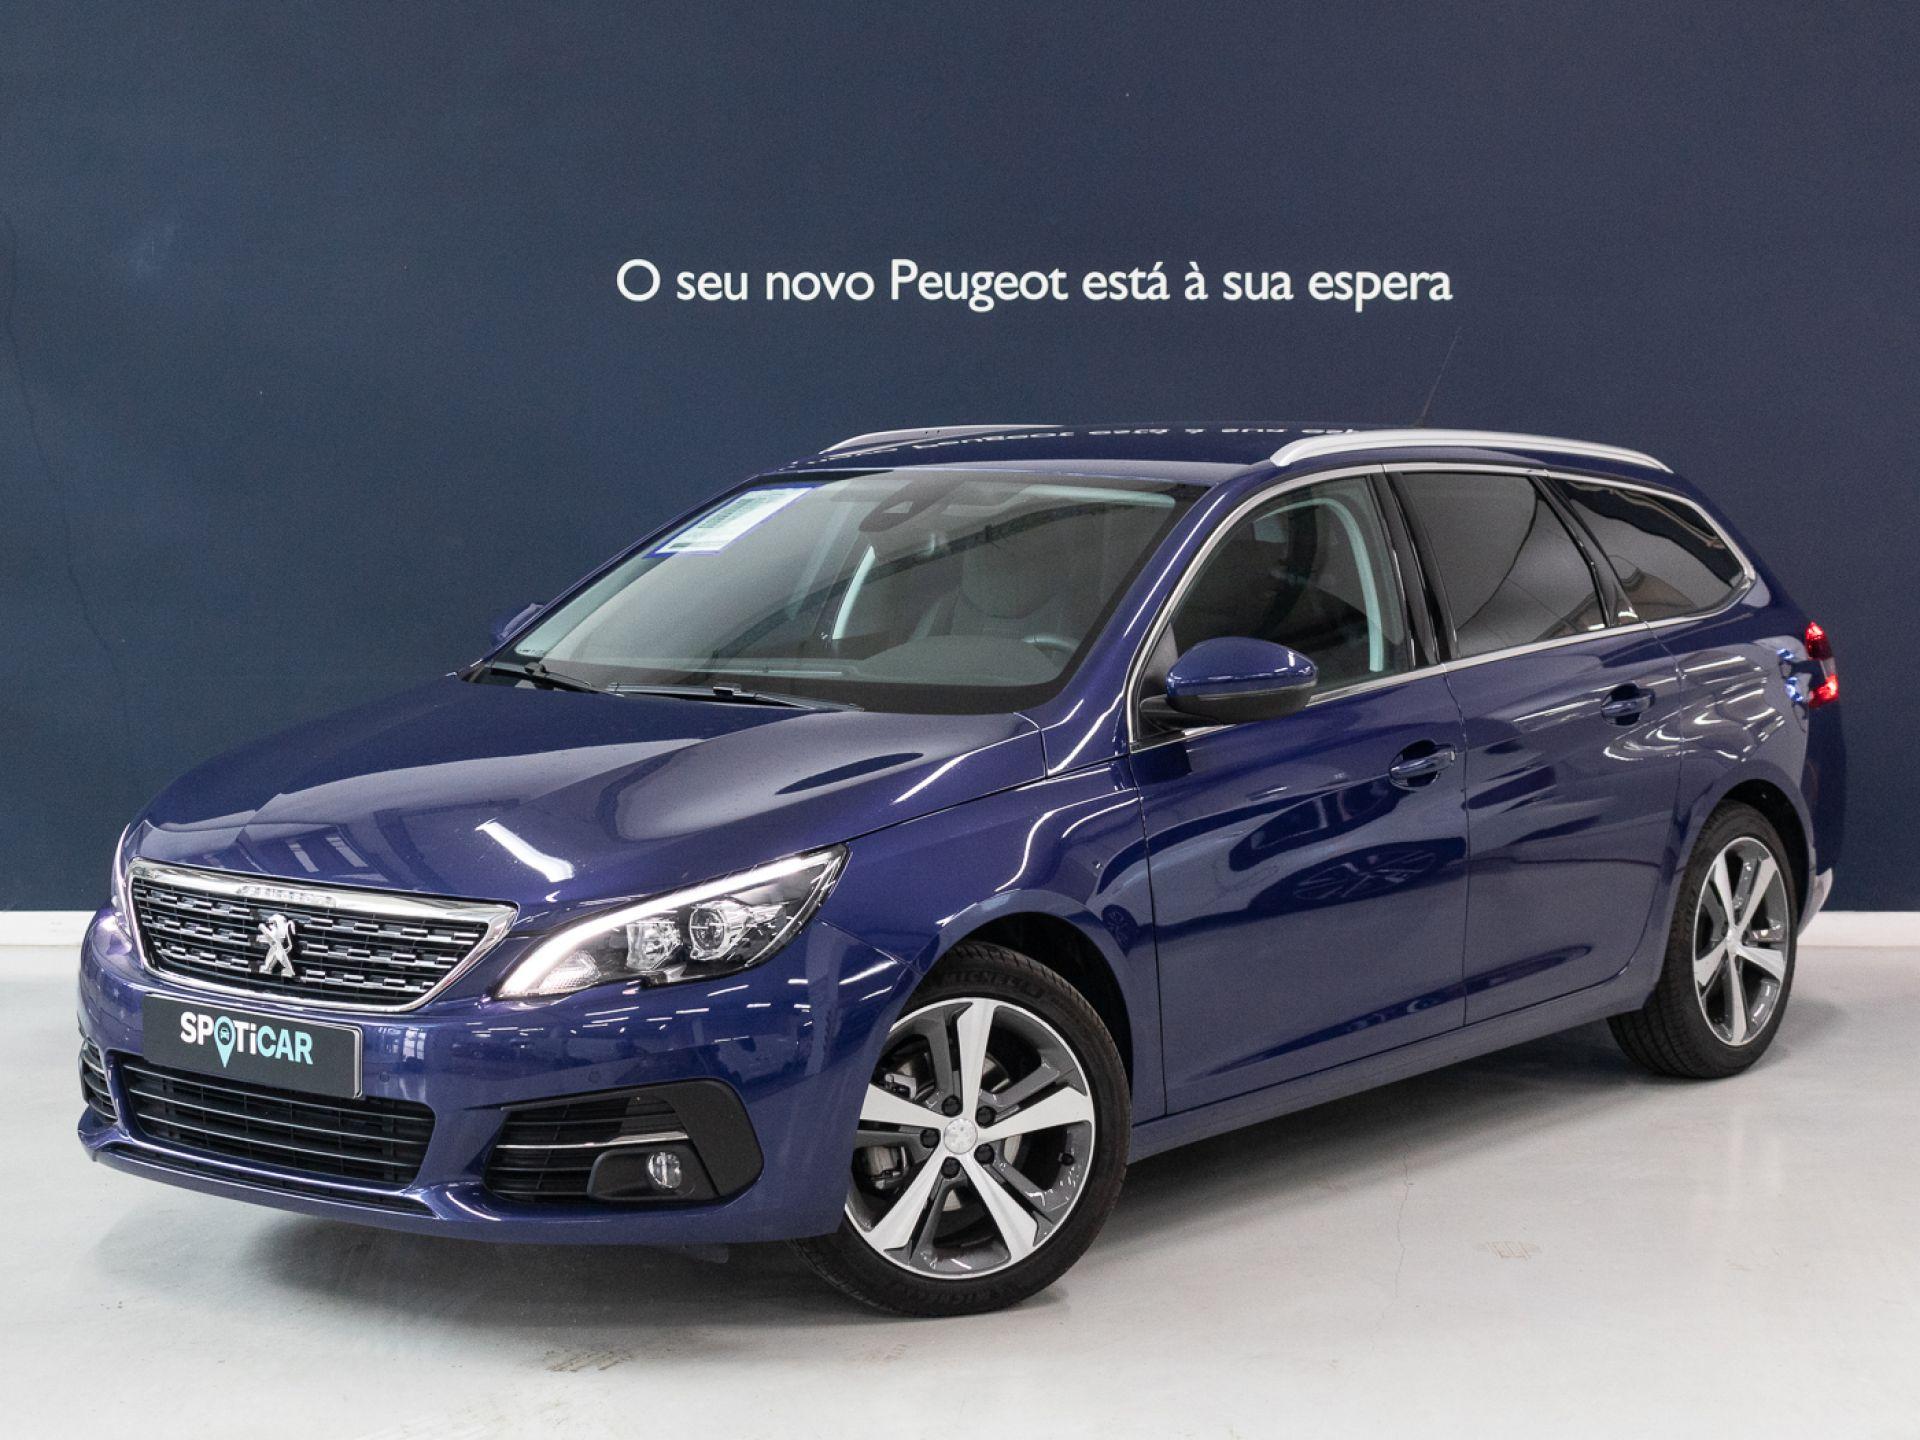 Peugeot 308 SW Allure 1.5 BlueHDi 130cv Eu 6.2d CVM6 SW segunda mão Setúbal